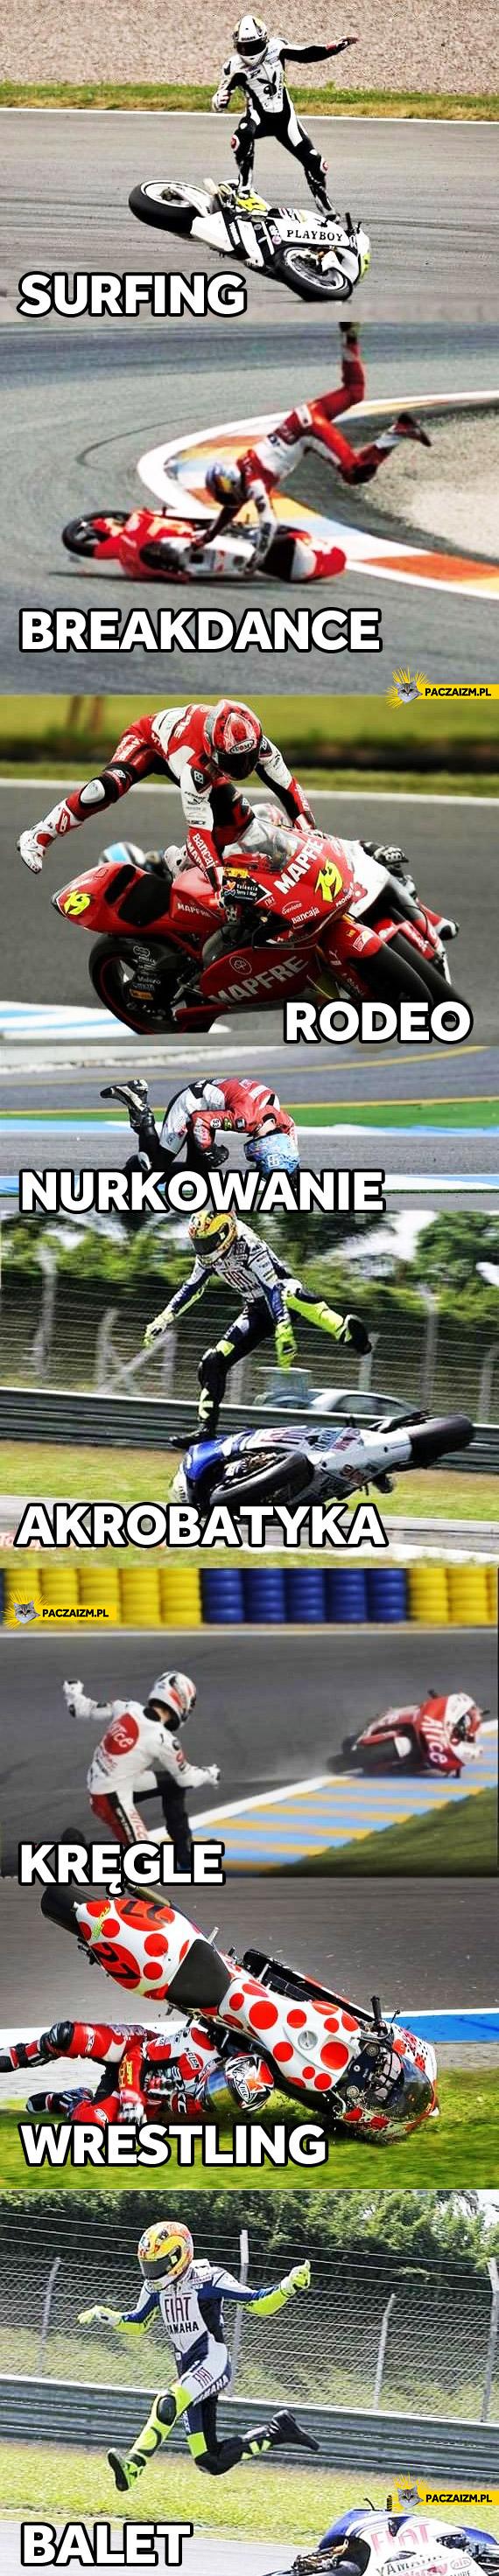 Kreatywne użycie motocykla